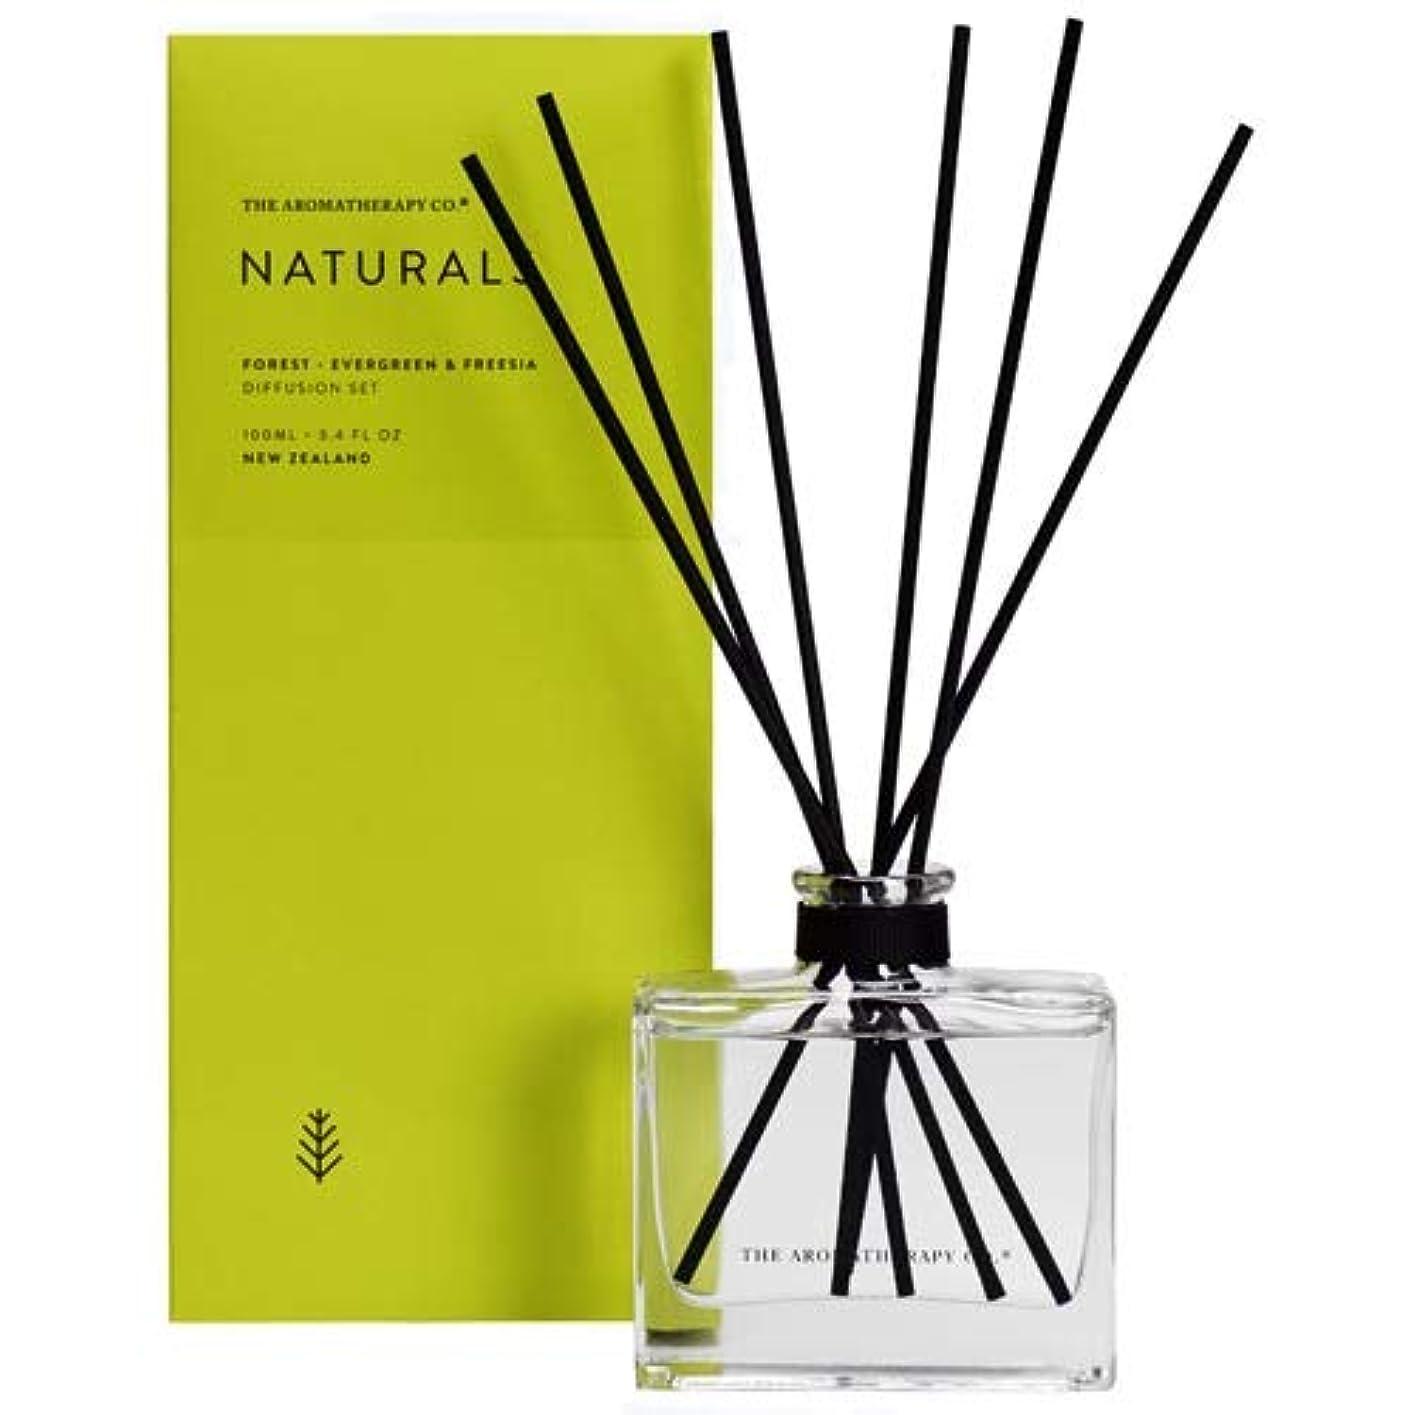 ヒョウ落ち着いた繰り返したnew NATURALS ナチュラルズ Diffusion Stick ディフュージョンスティック Forest フォレスト(森林)Evergreen & Freesia エバーグリーン&フリージア